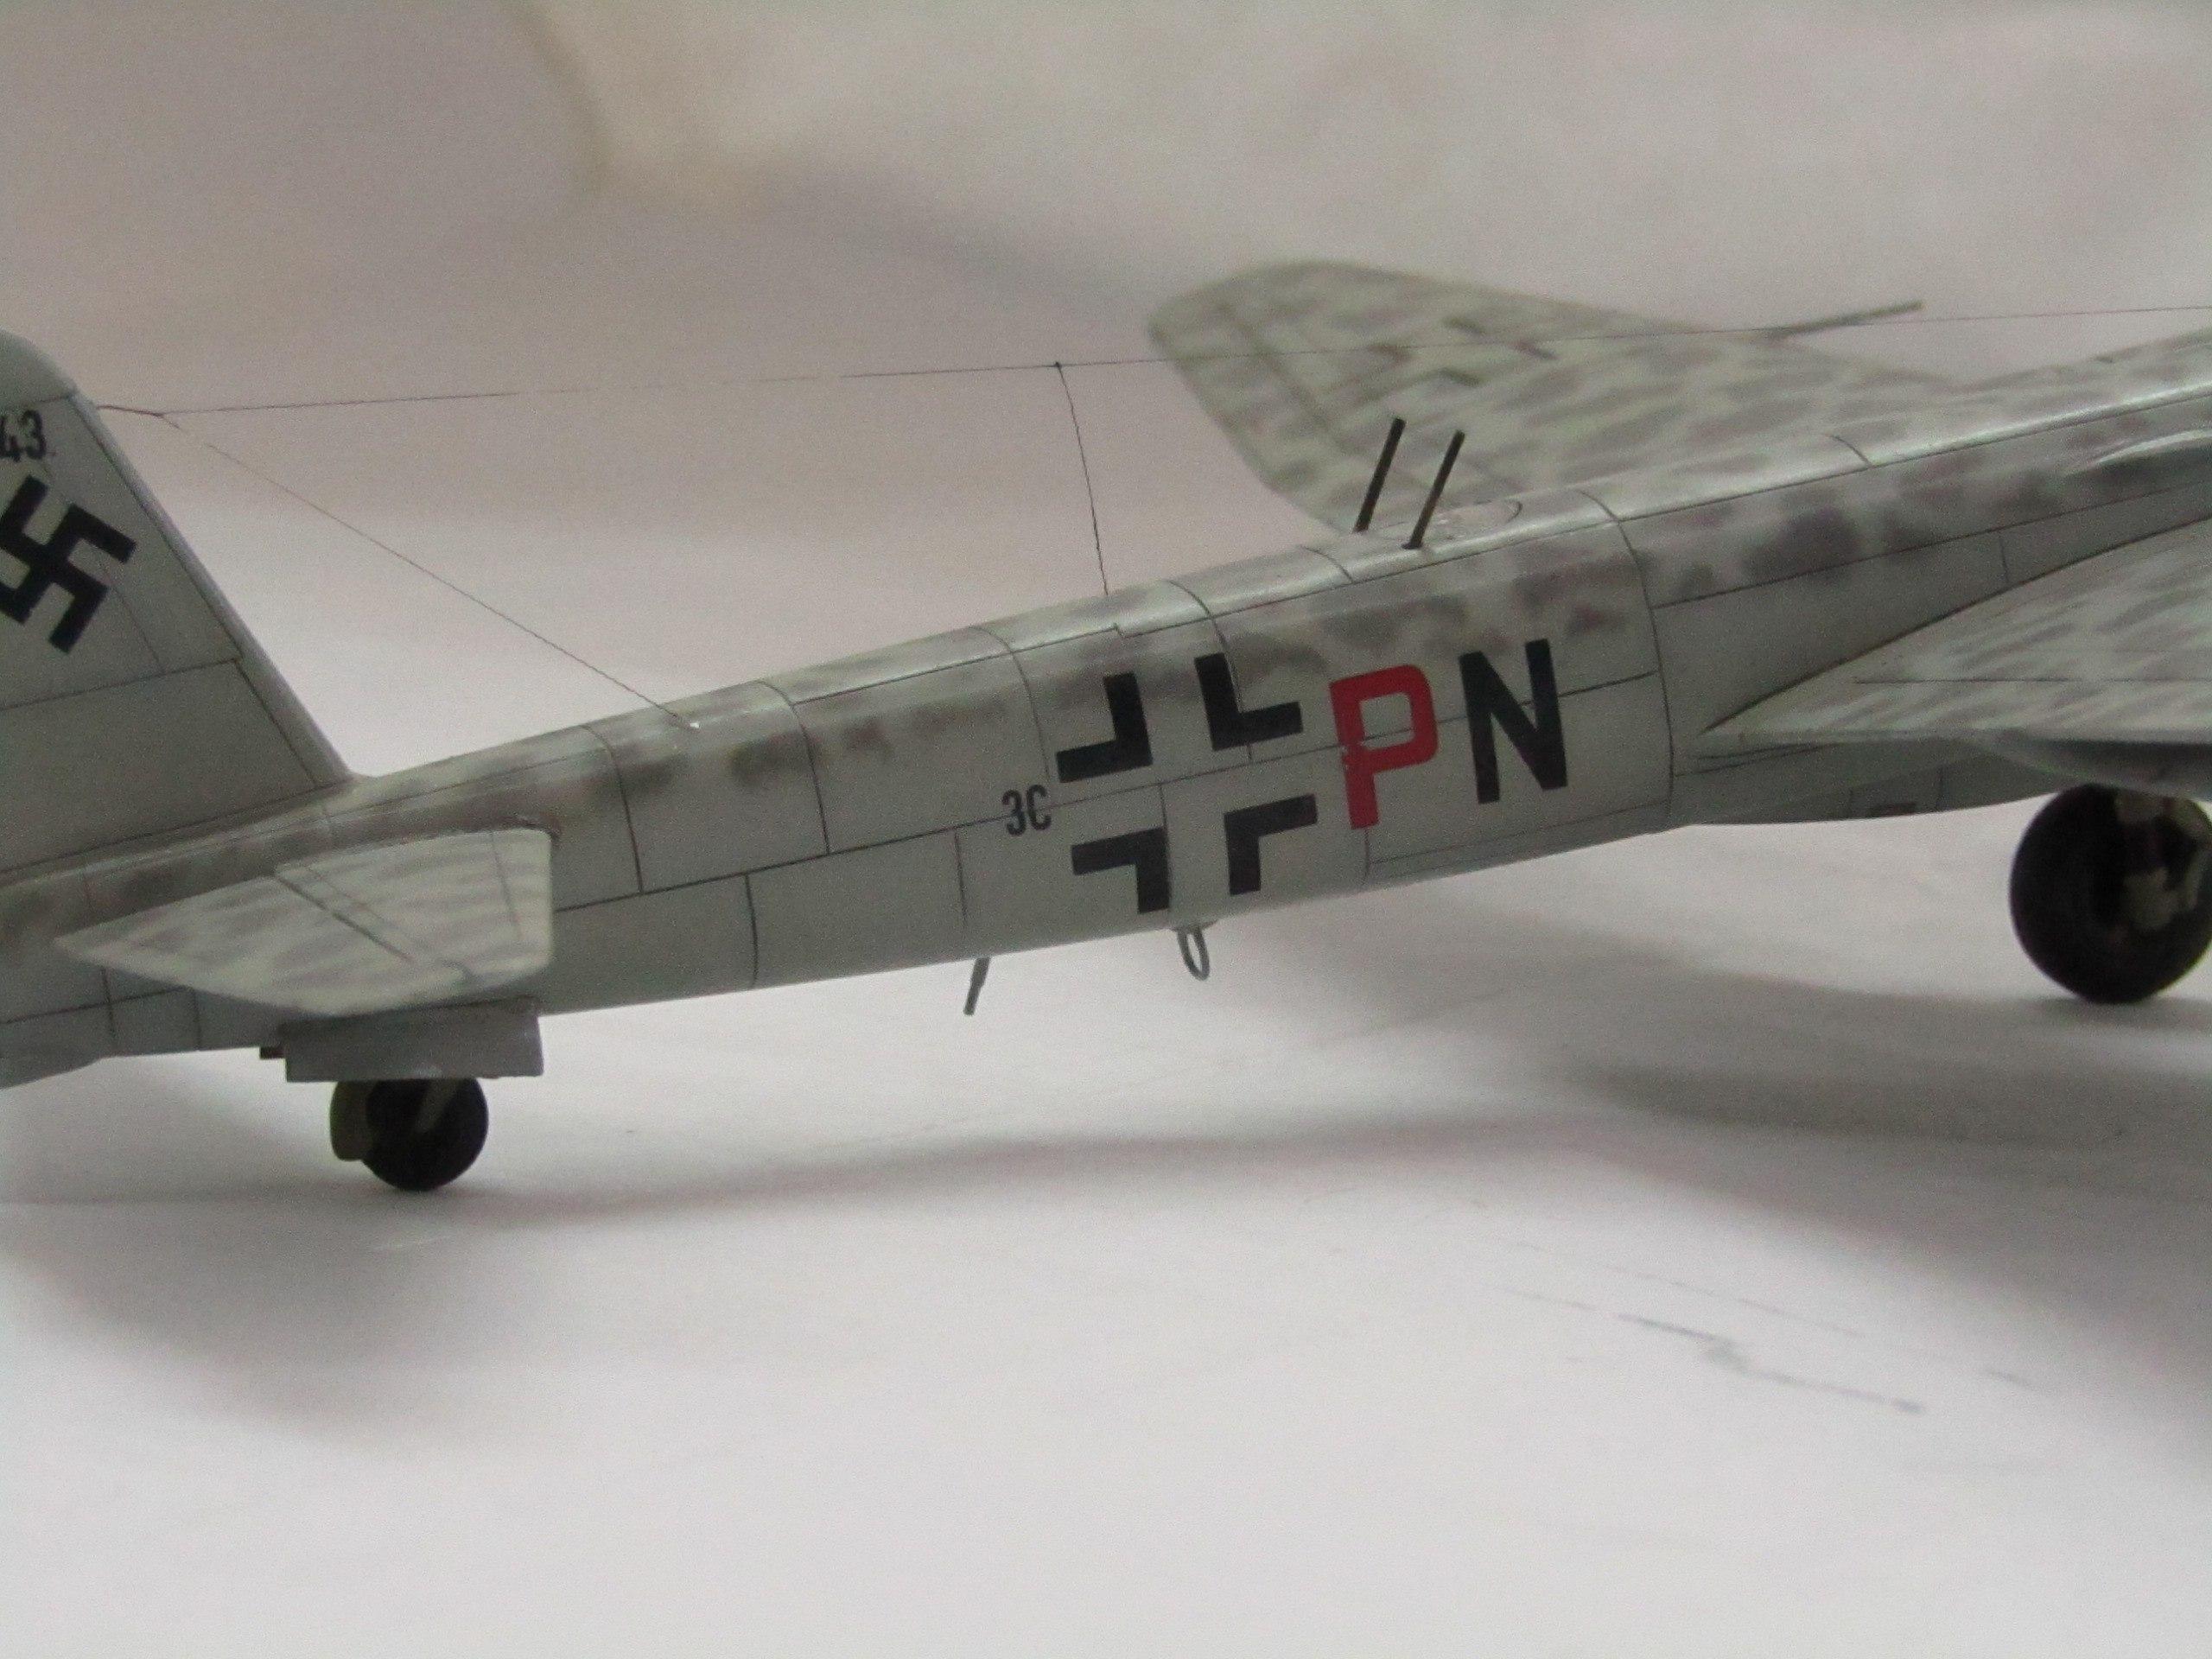 Ju-88 G-6 1/72 (Звезда) WuwLhe9yB8s